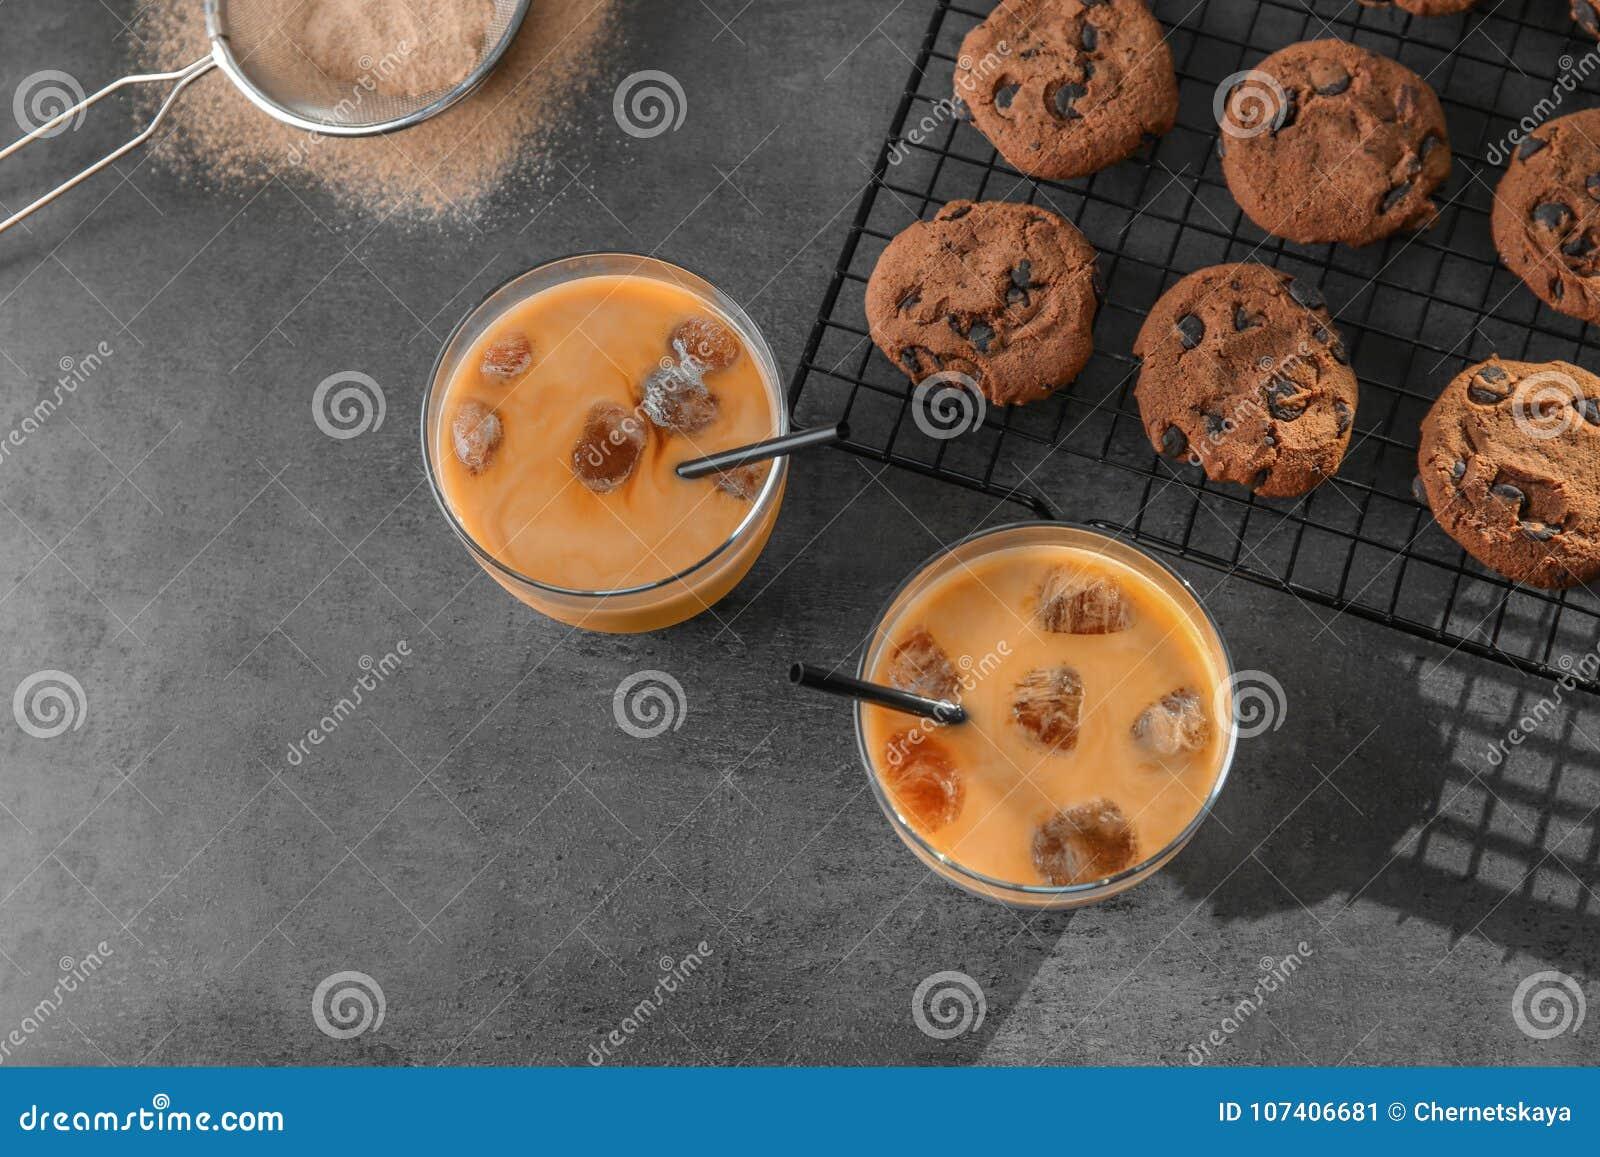 Стекла с очень вкусным замороженным кофе